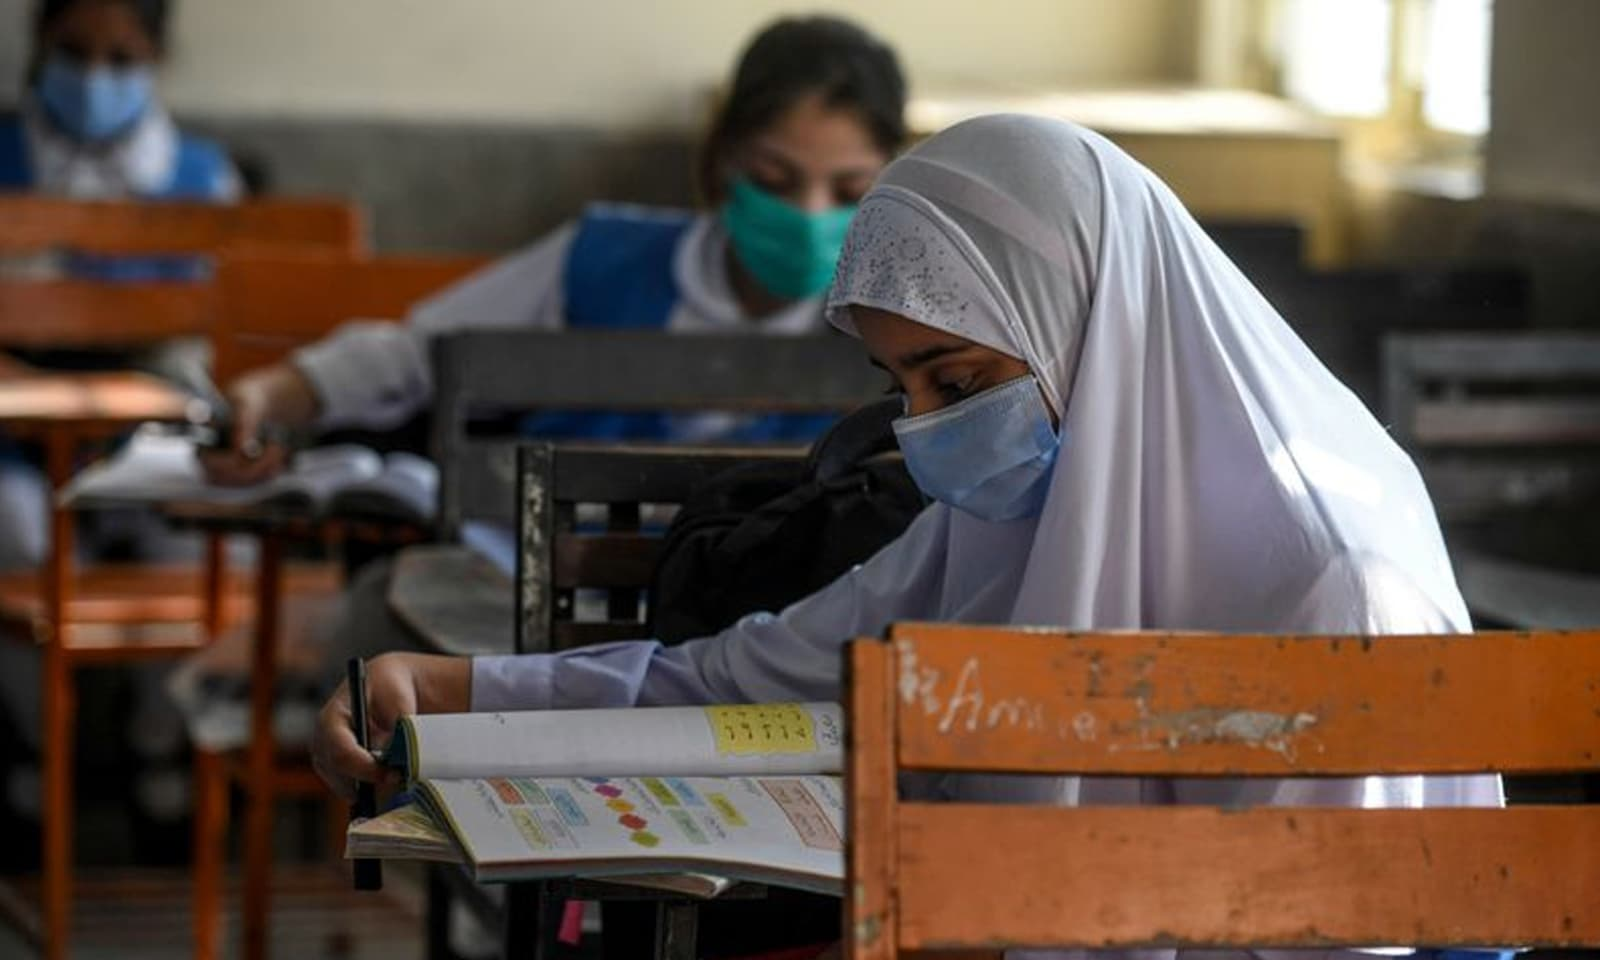 طلبہ سمیت اسکولز کے عملے کے لیے ماسک پہننا لازمی قرار دیا گیا ہے—فوٹو: اے ایف پی